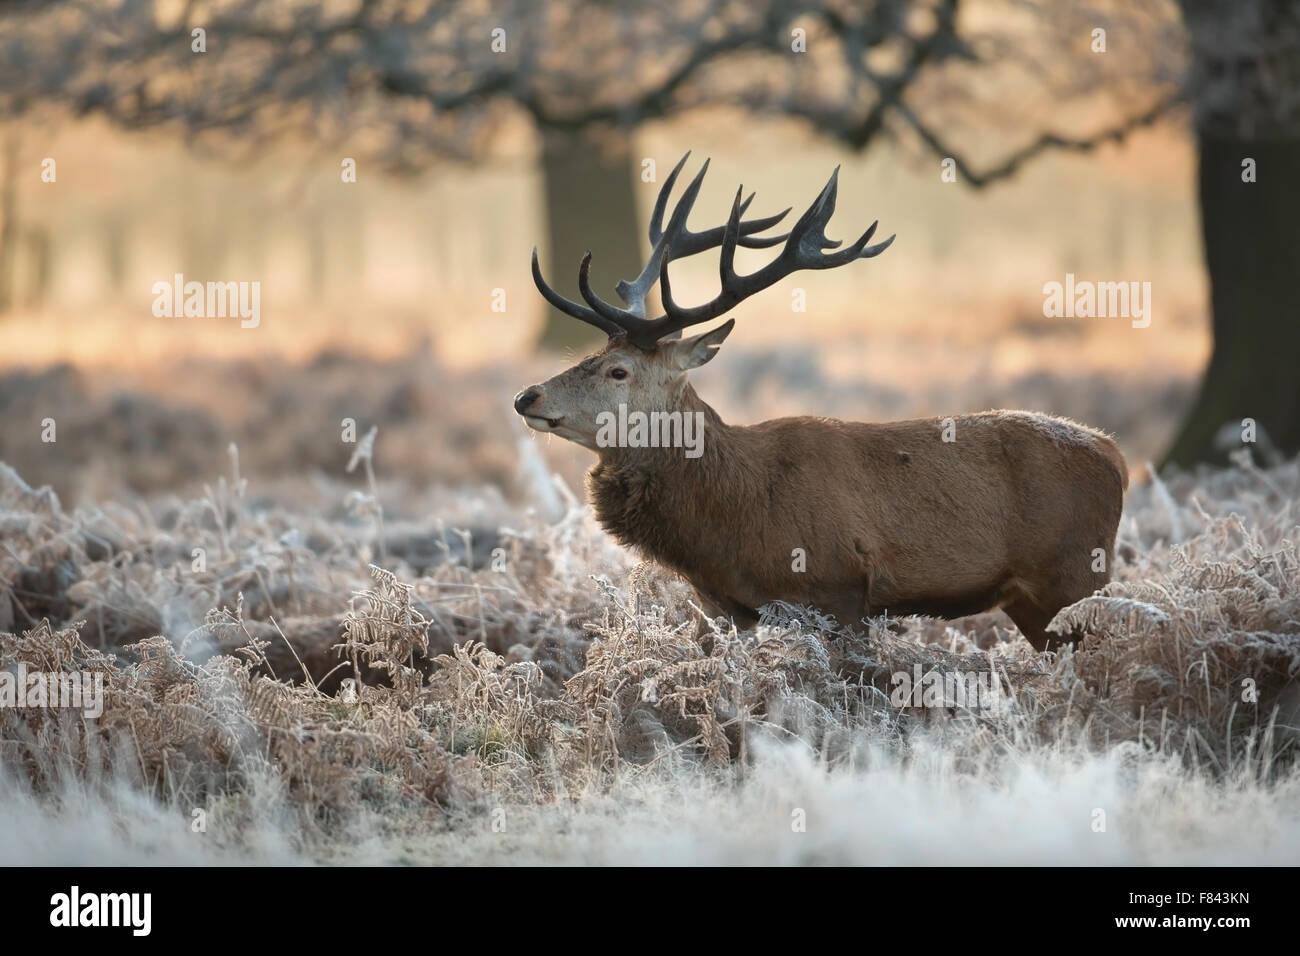 Red deer in winter, UK. - Stock Image